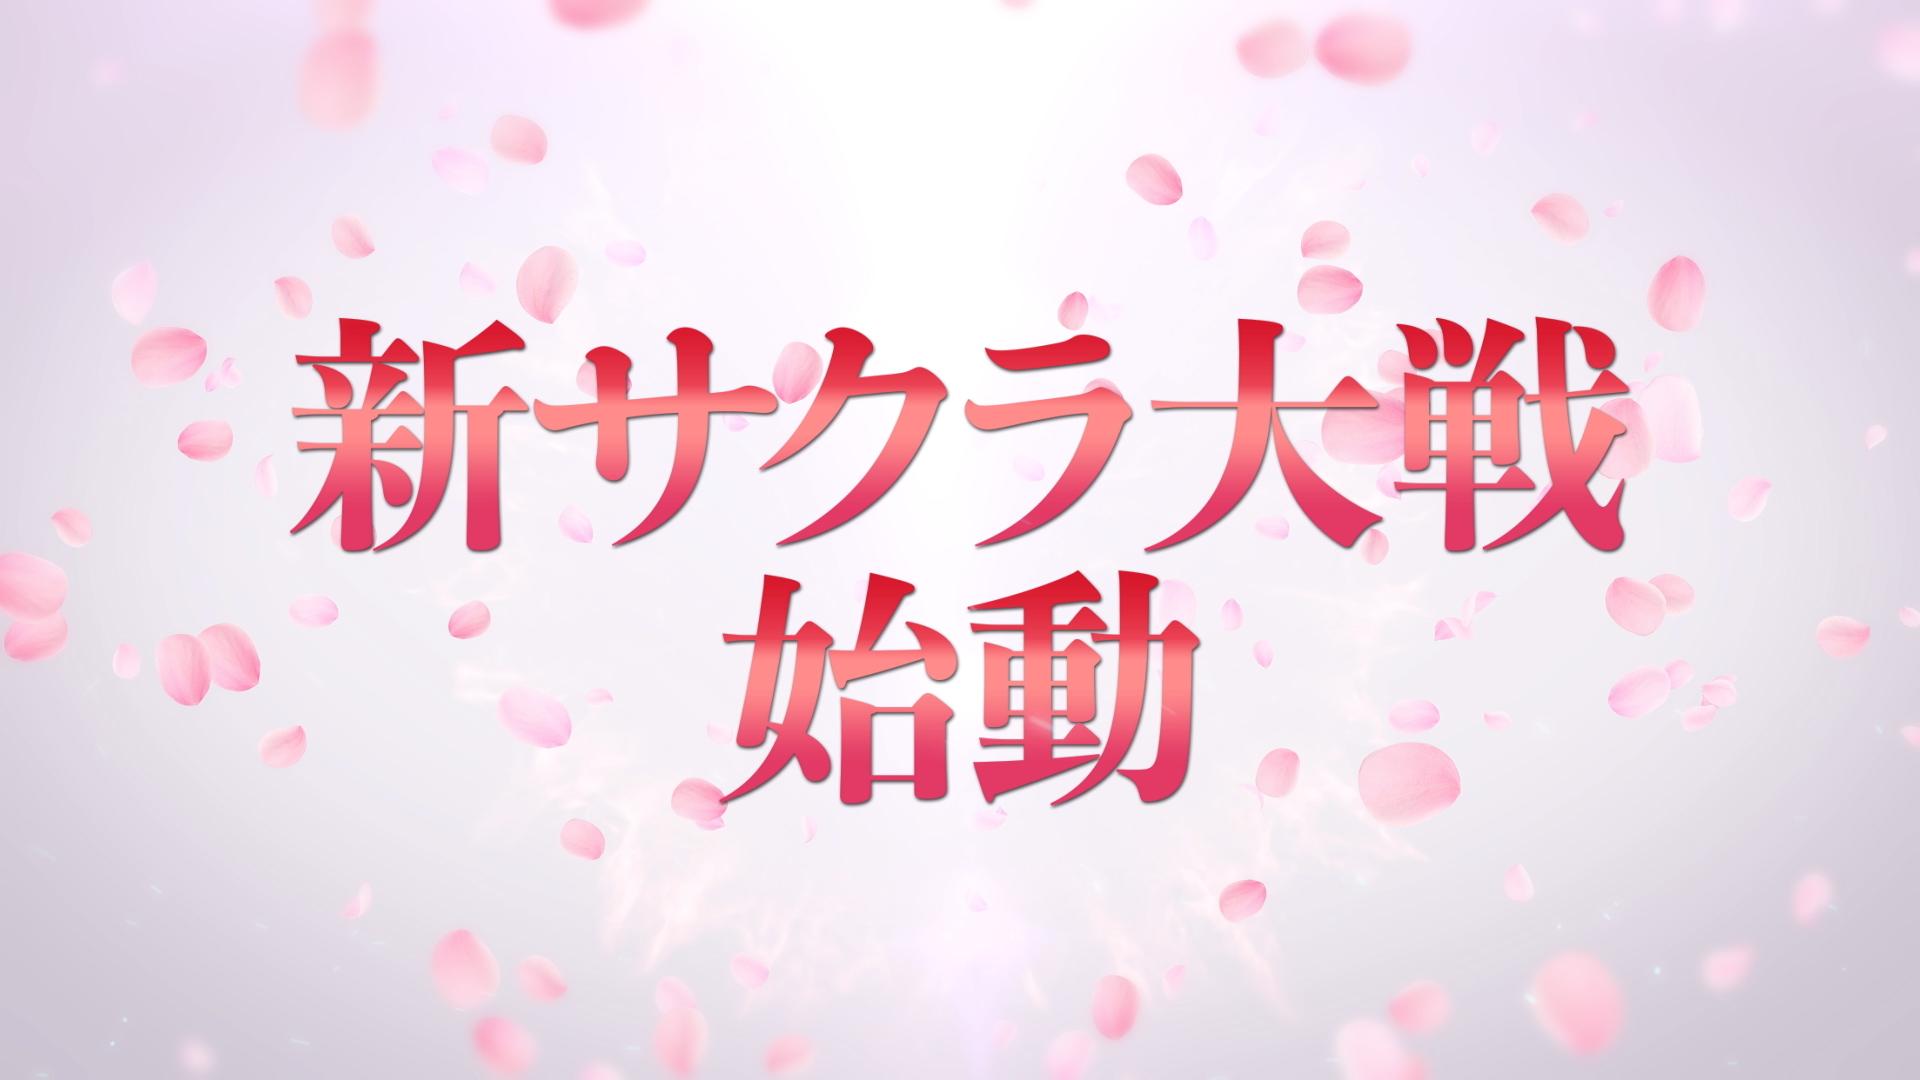 『新サクラ大戦』(仮題)始動&太正二十九年の帝都・東京を舞台にした完全新作!